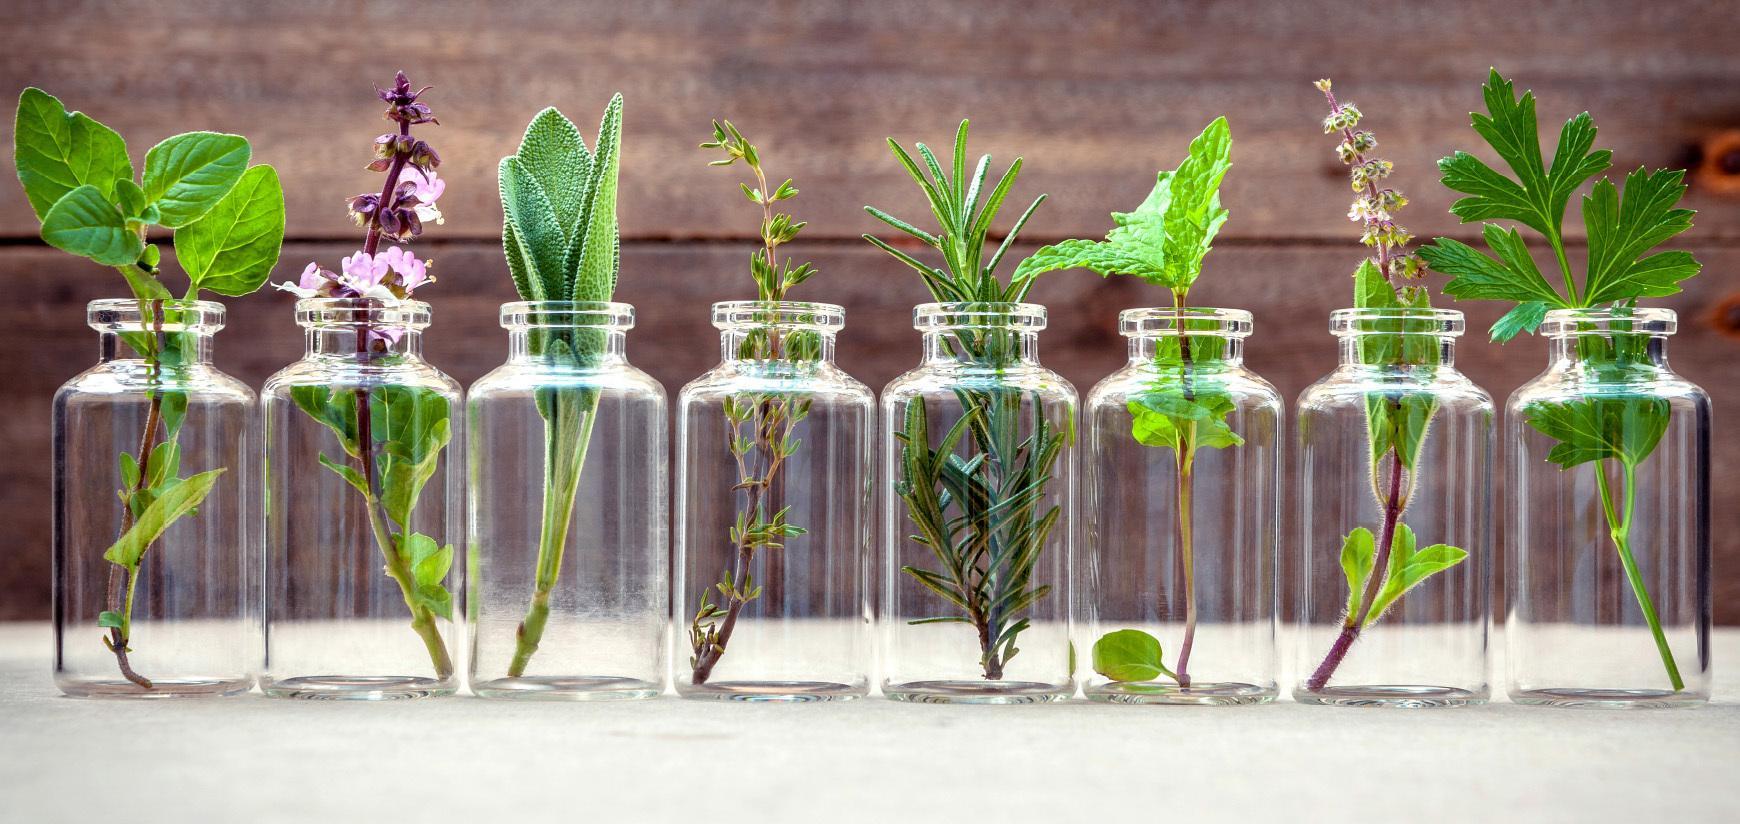 v čem spočívá jedinečnost aromaterapeutické kosmetiky - přírodní kosmetika Nobilis Tilia